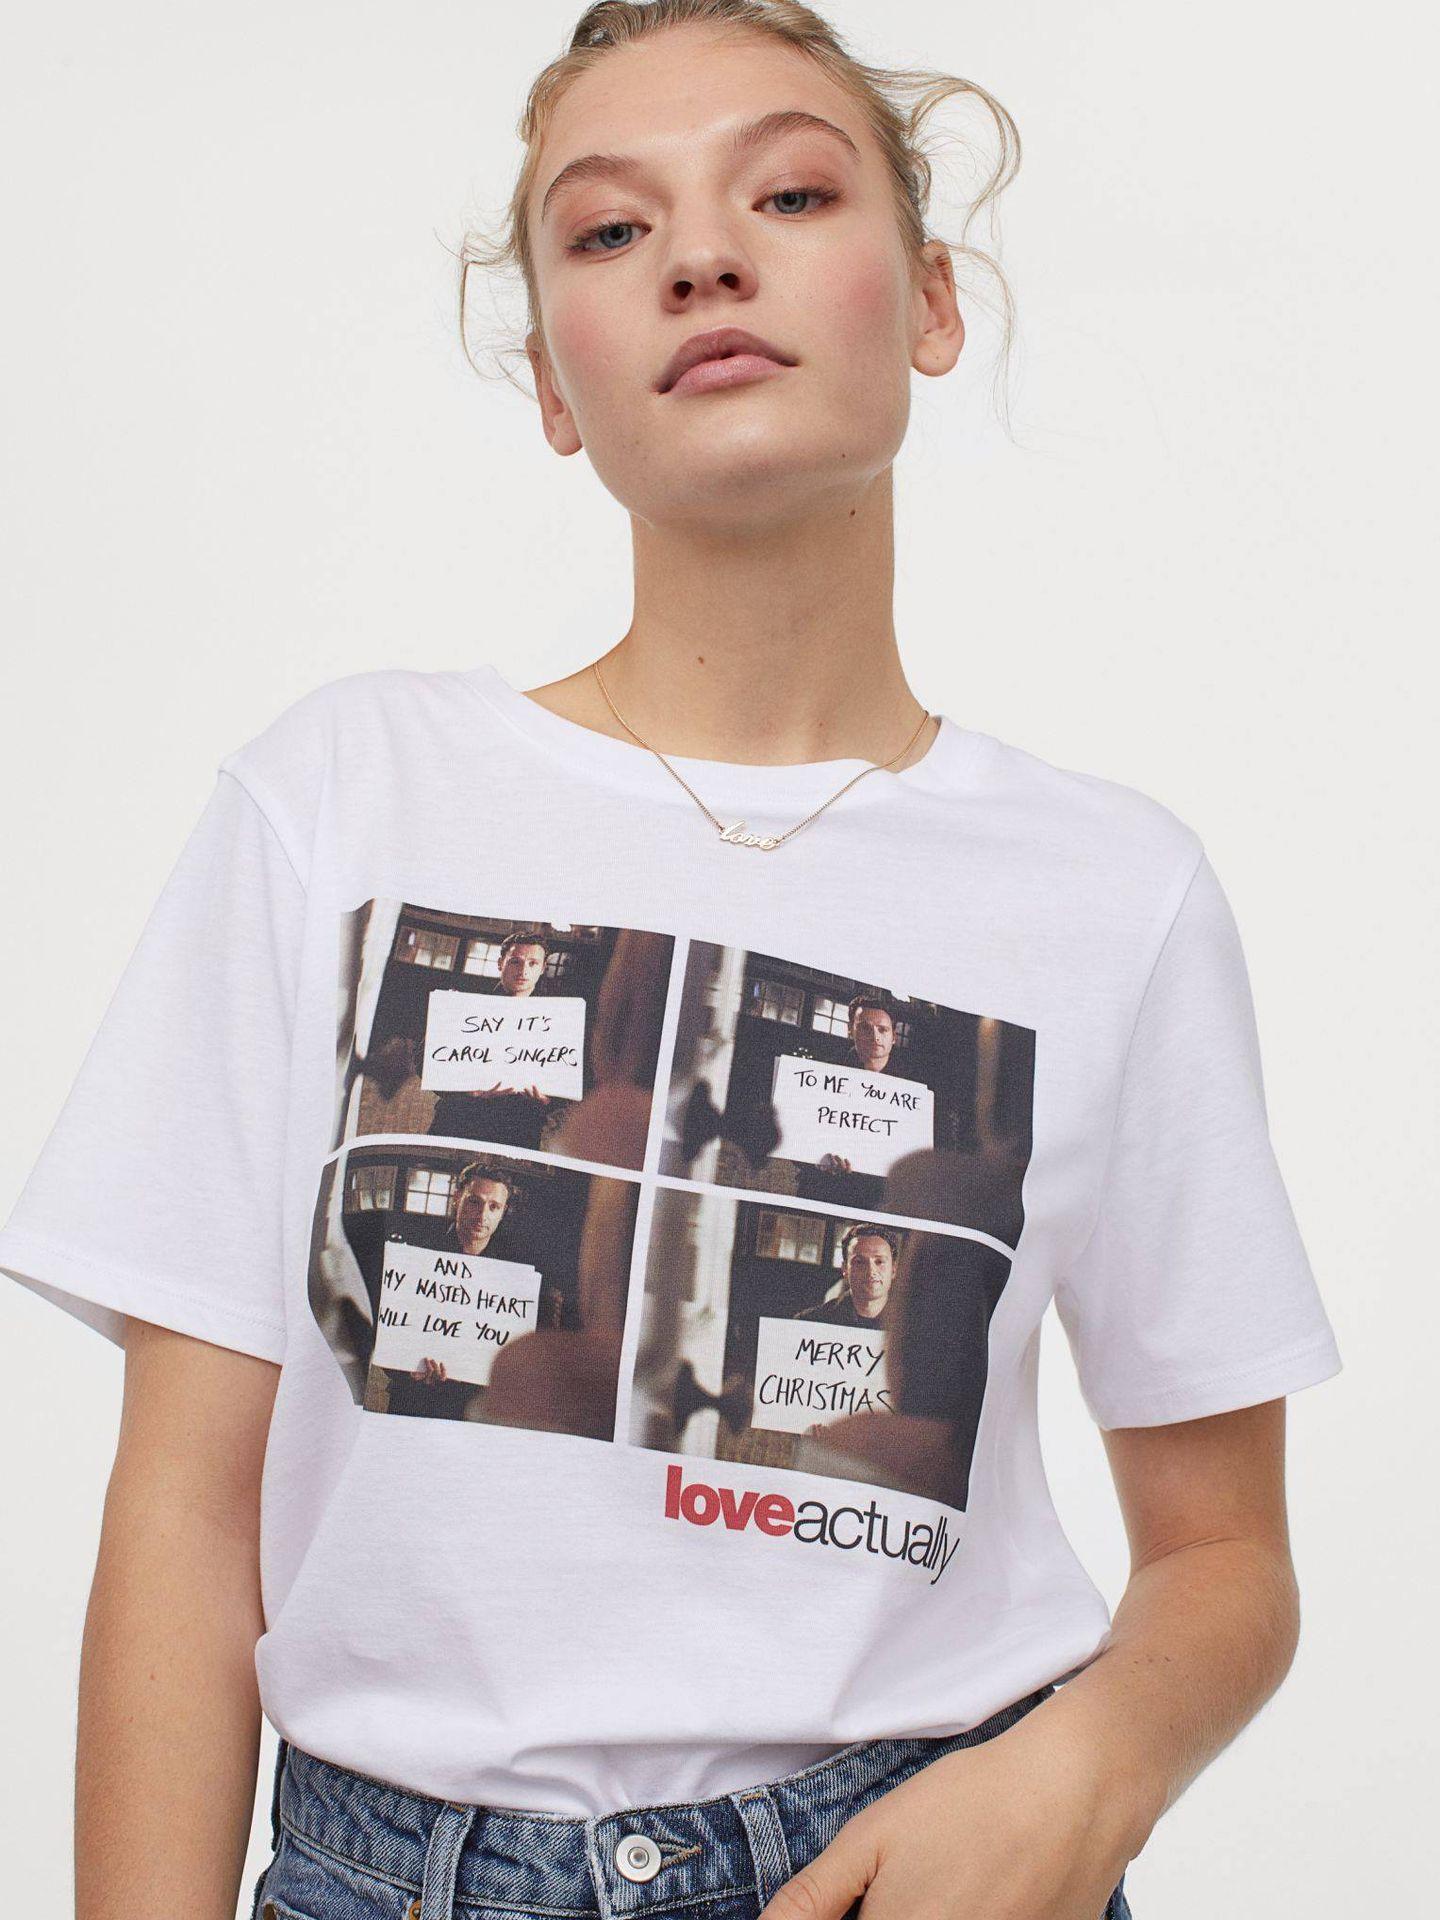 Camiseta de HyM de 10 euros de 'Love Actually'. (Cortesía)